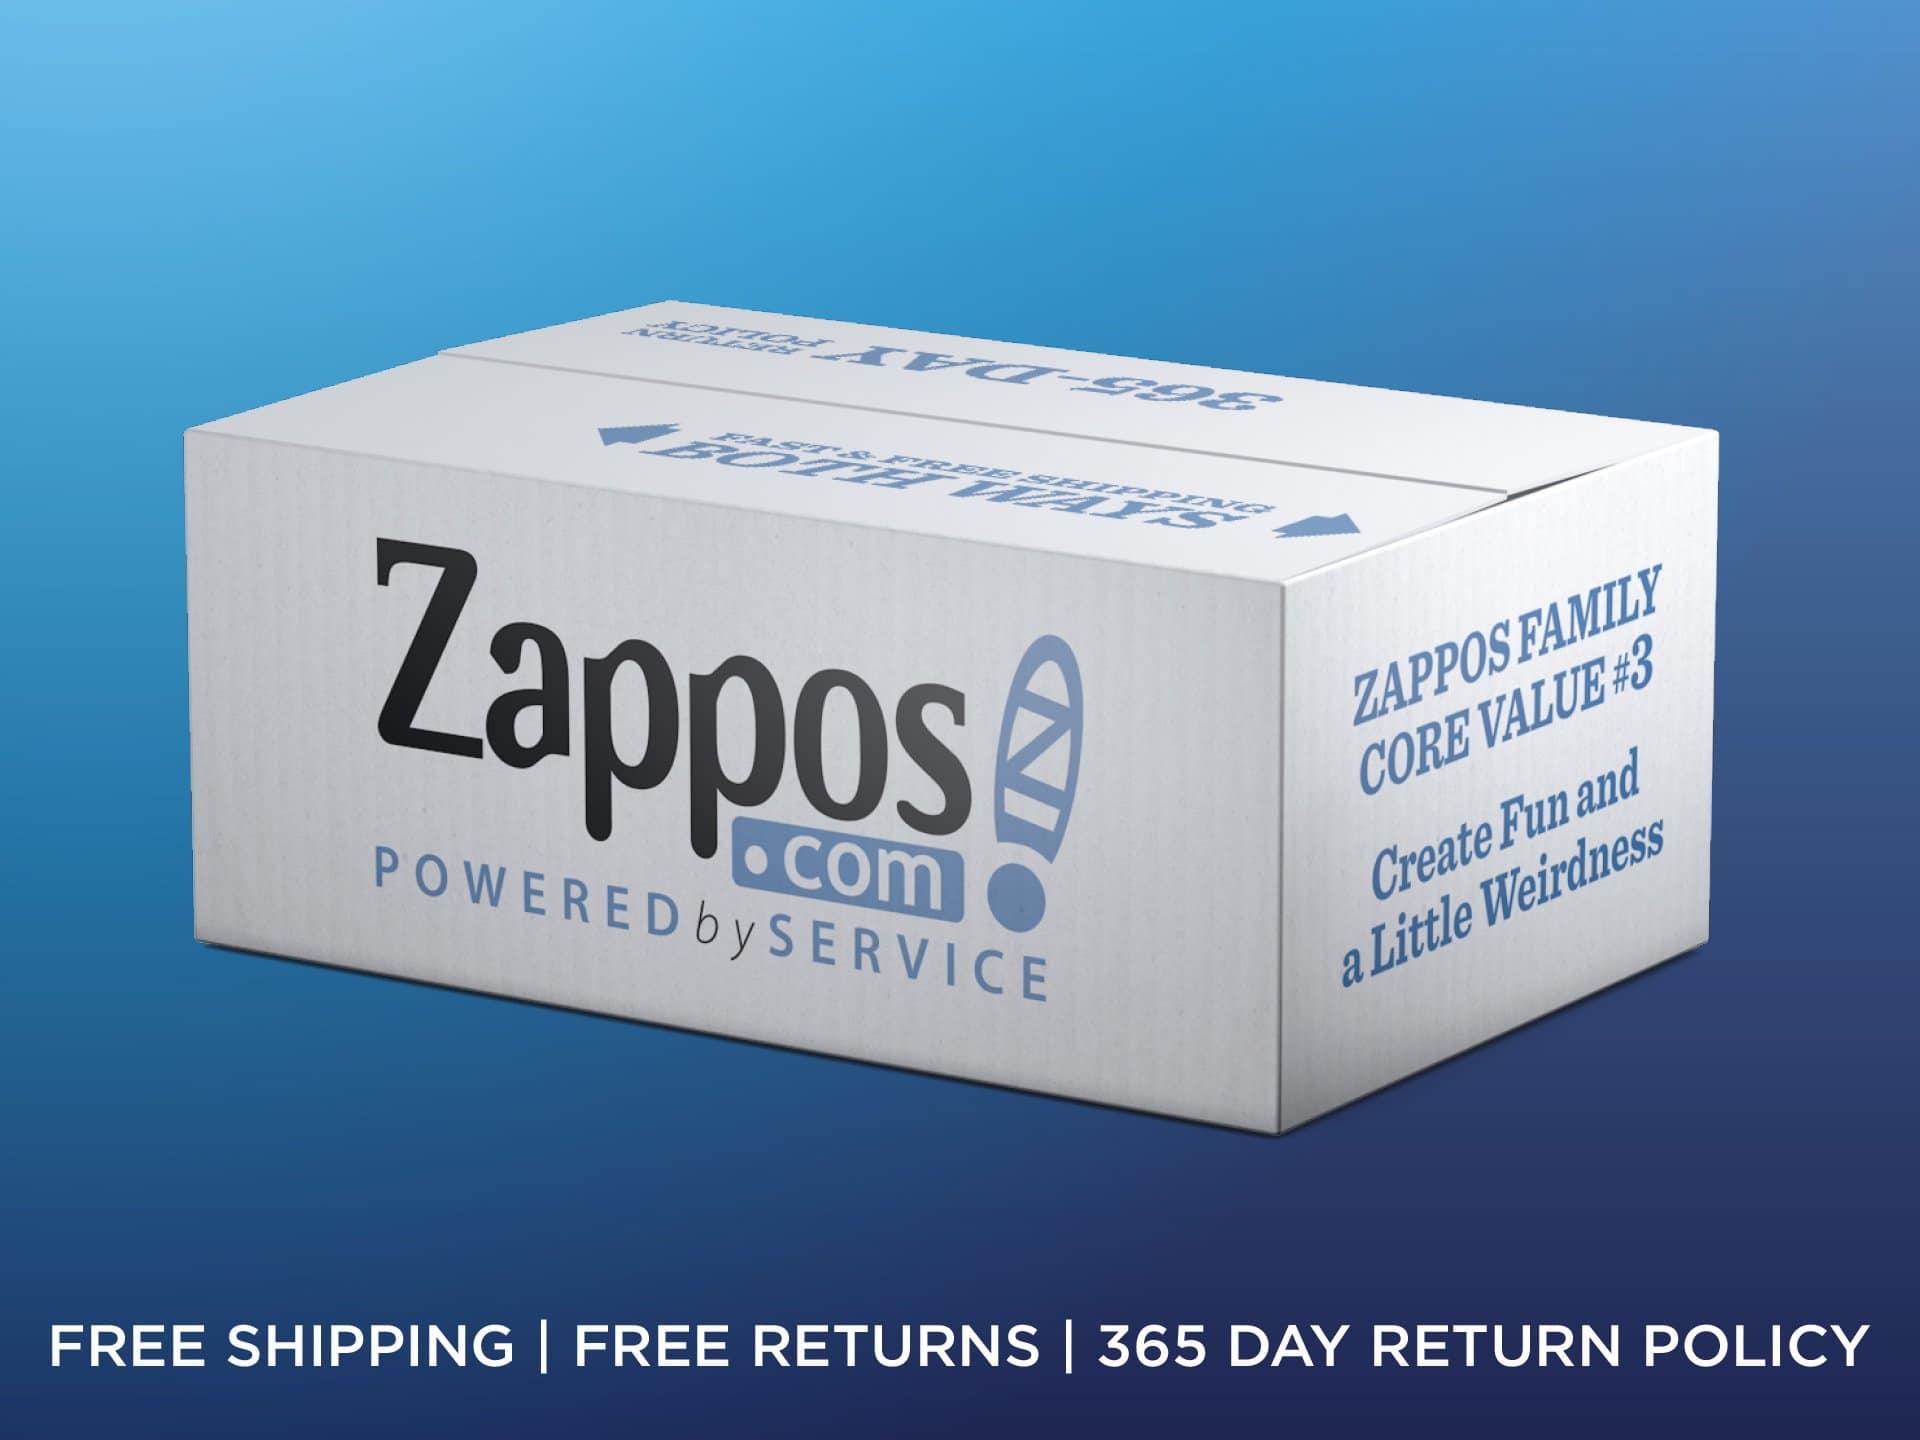 zappos deals